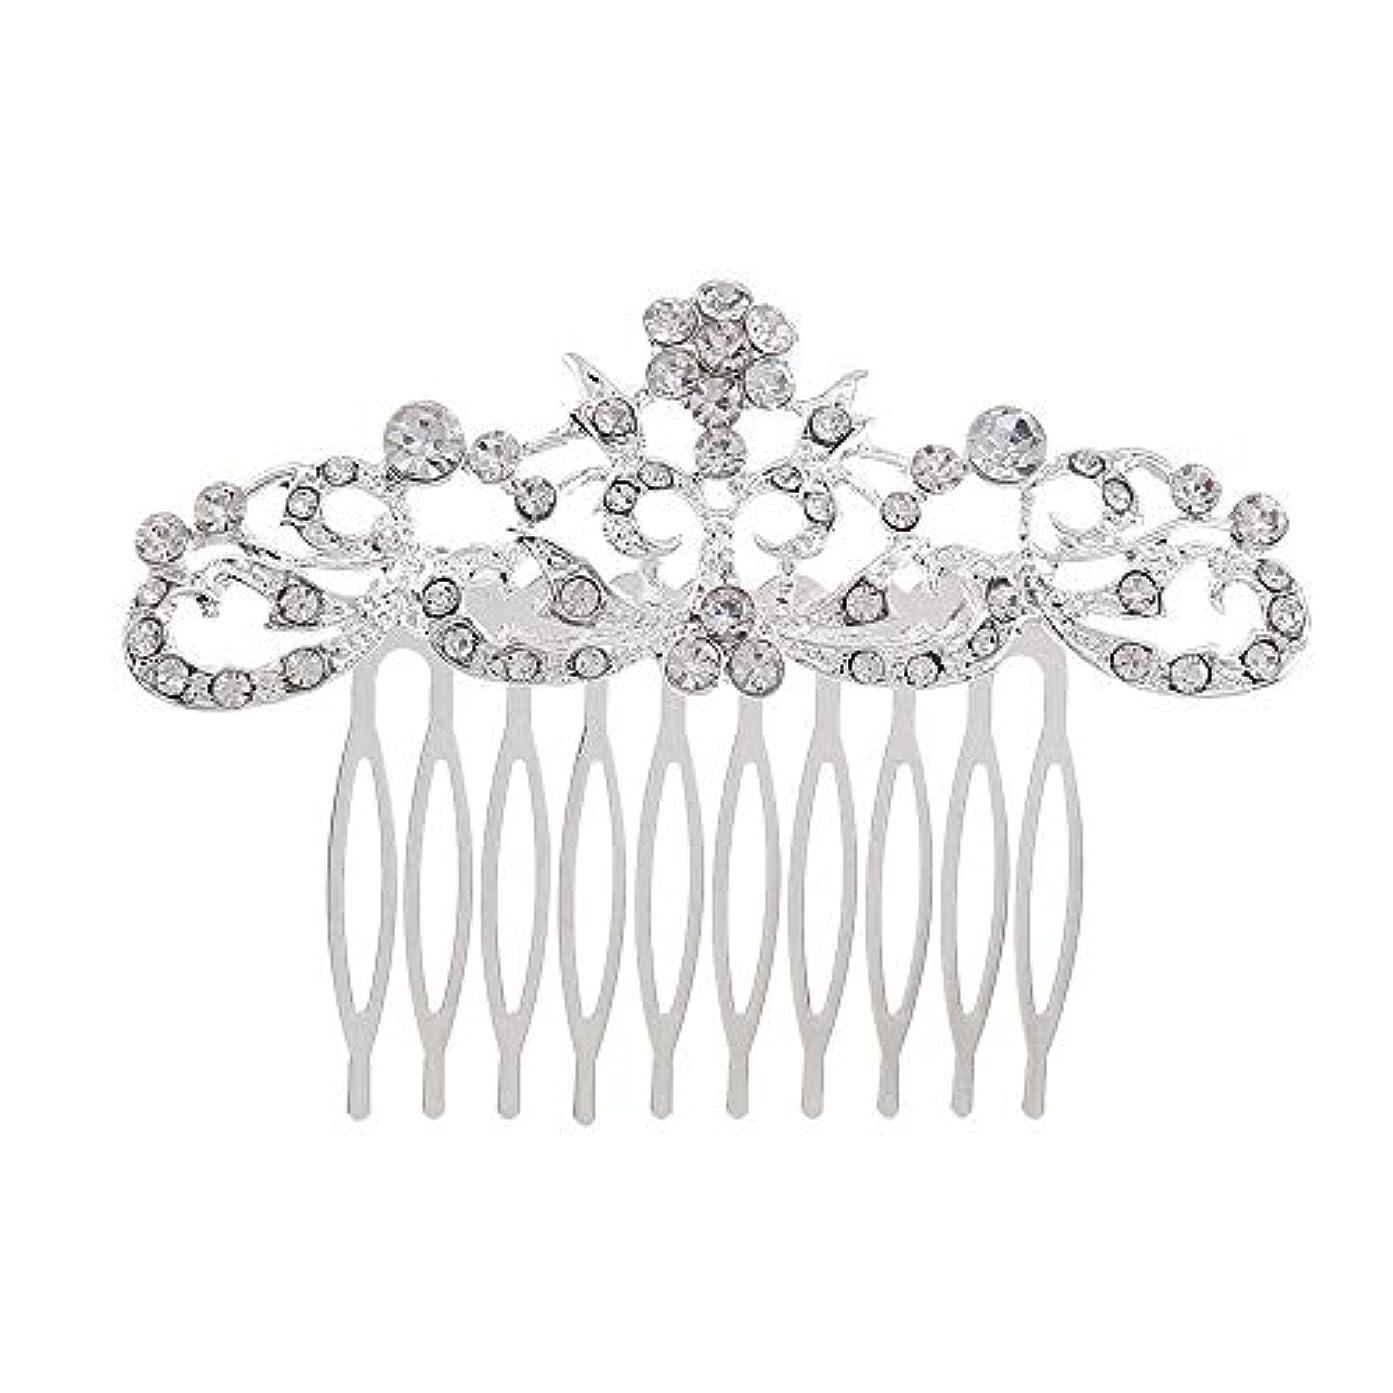 受動的疑わしい機構髪の櫛の櫛の櫛の花嫁の髪の櫛のファッションラインストーンの櫛の櫛の花嫁の頭飾りの結婚式のアクセサリー